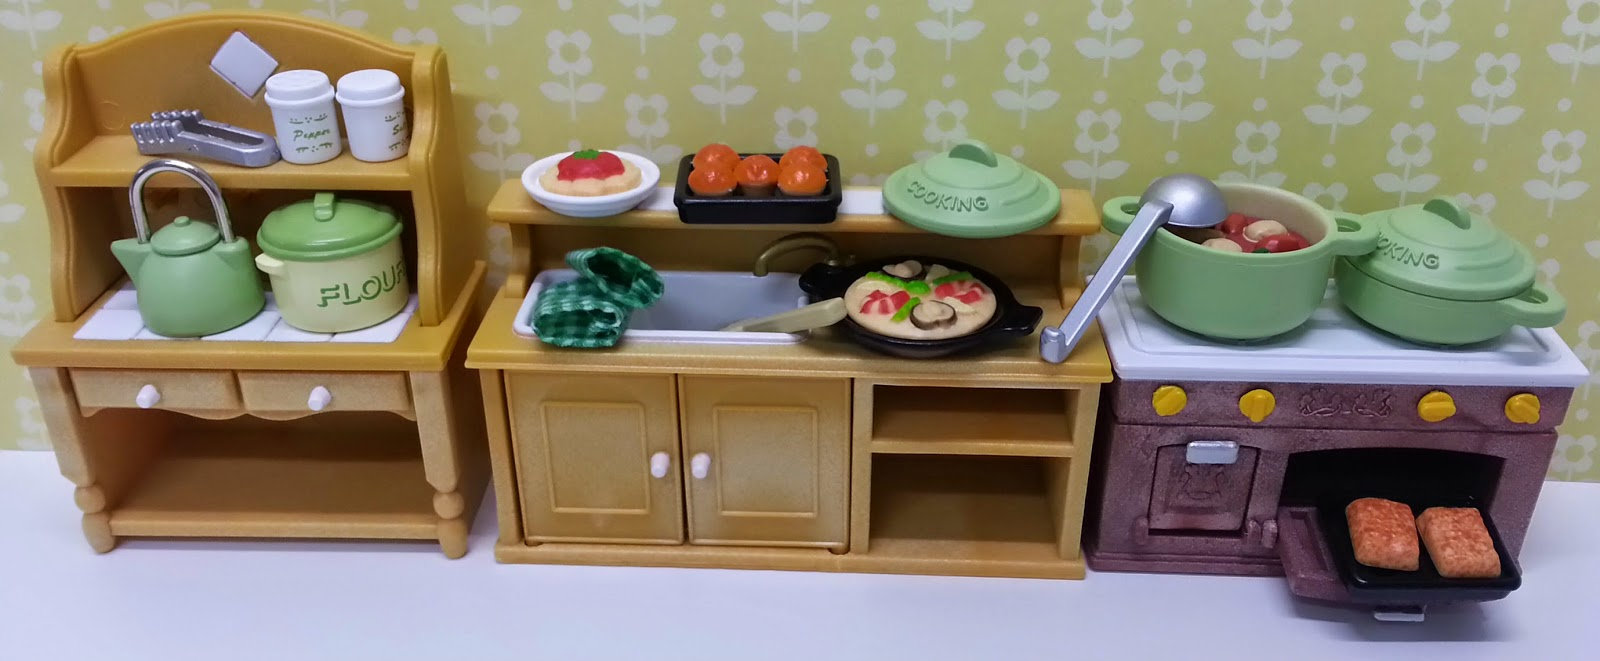 Jane Chérie: Sylvanian Families Kitchen Cooking Set